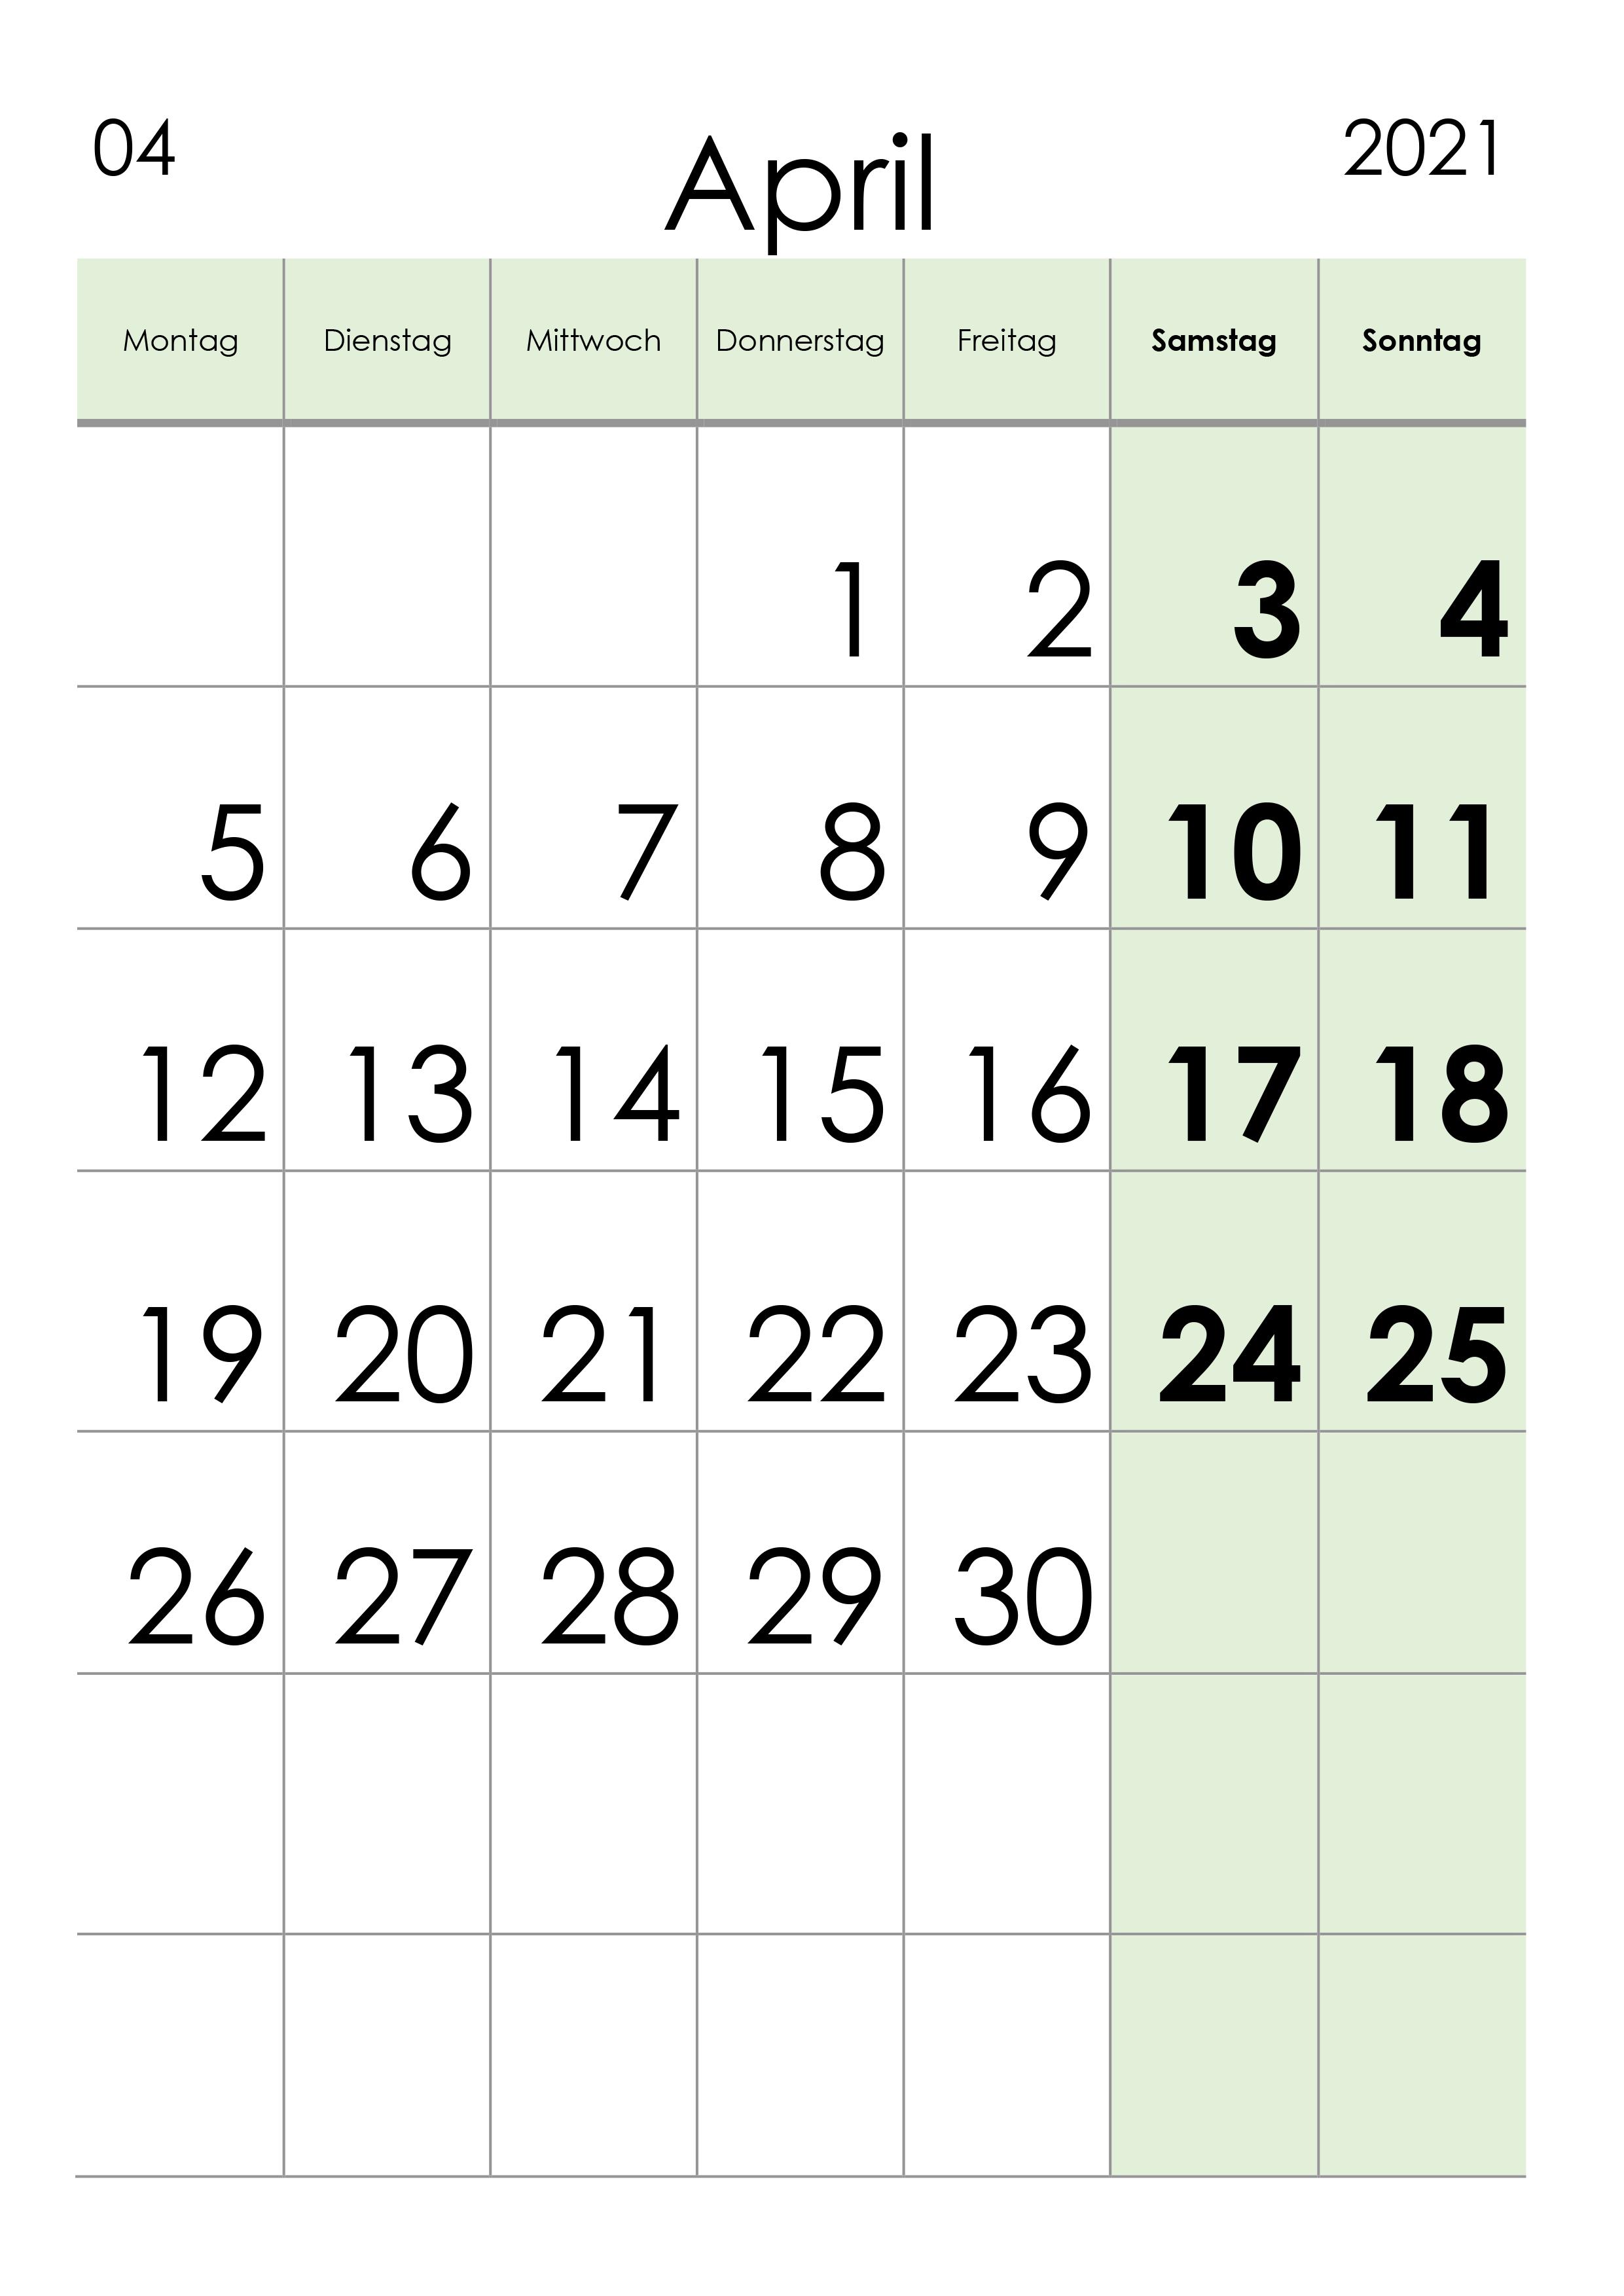 Kalender April 2021 grosse Ziffern im Hochformat - kalender.su